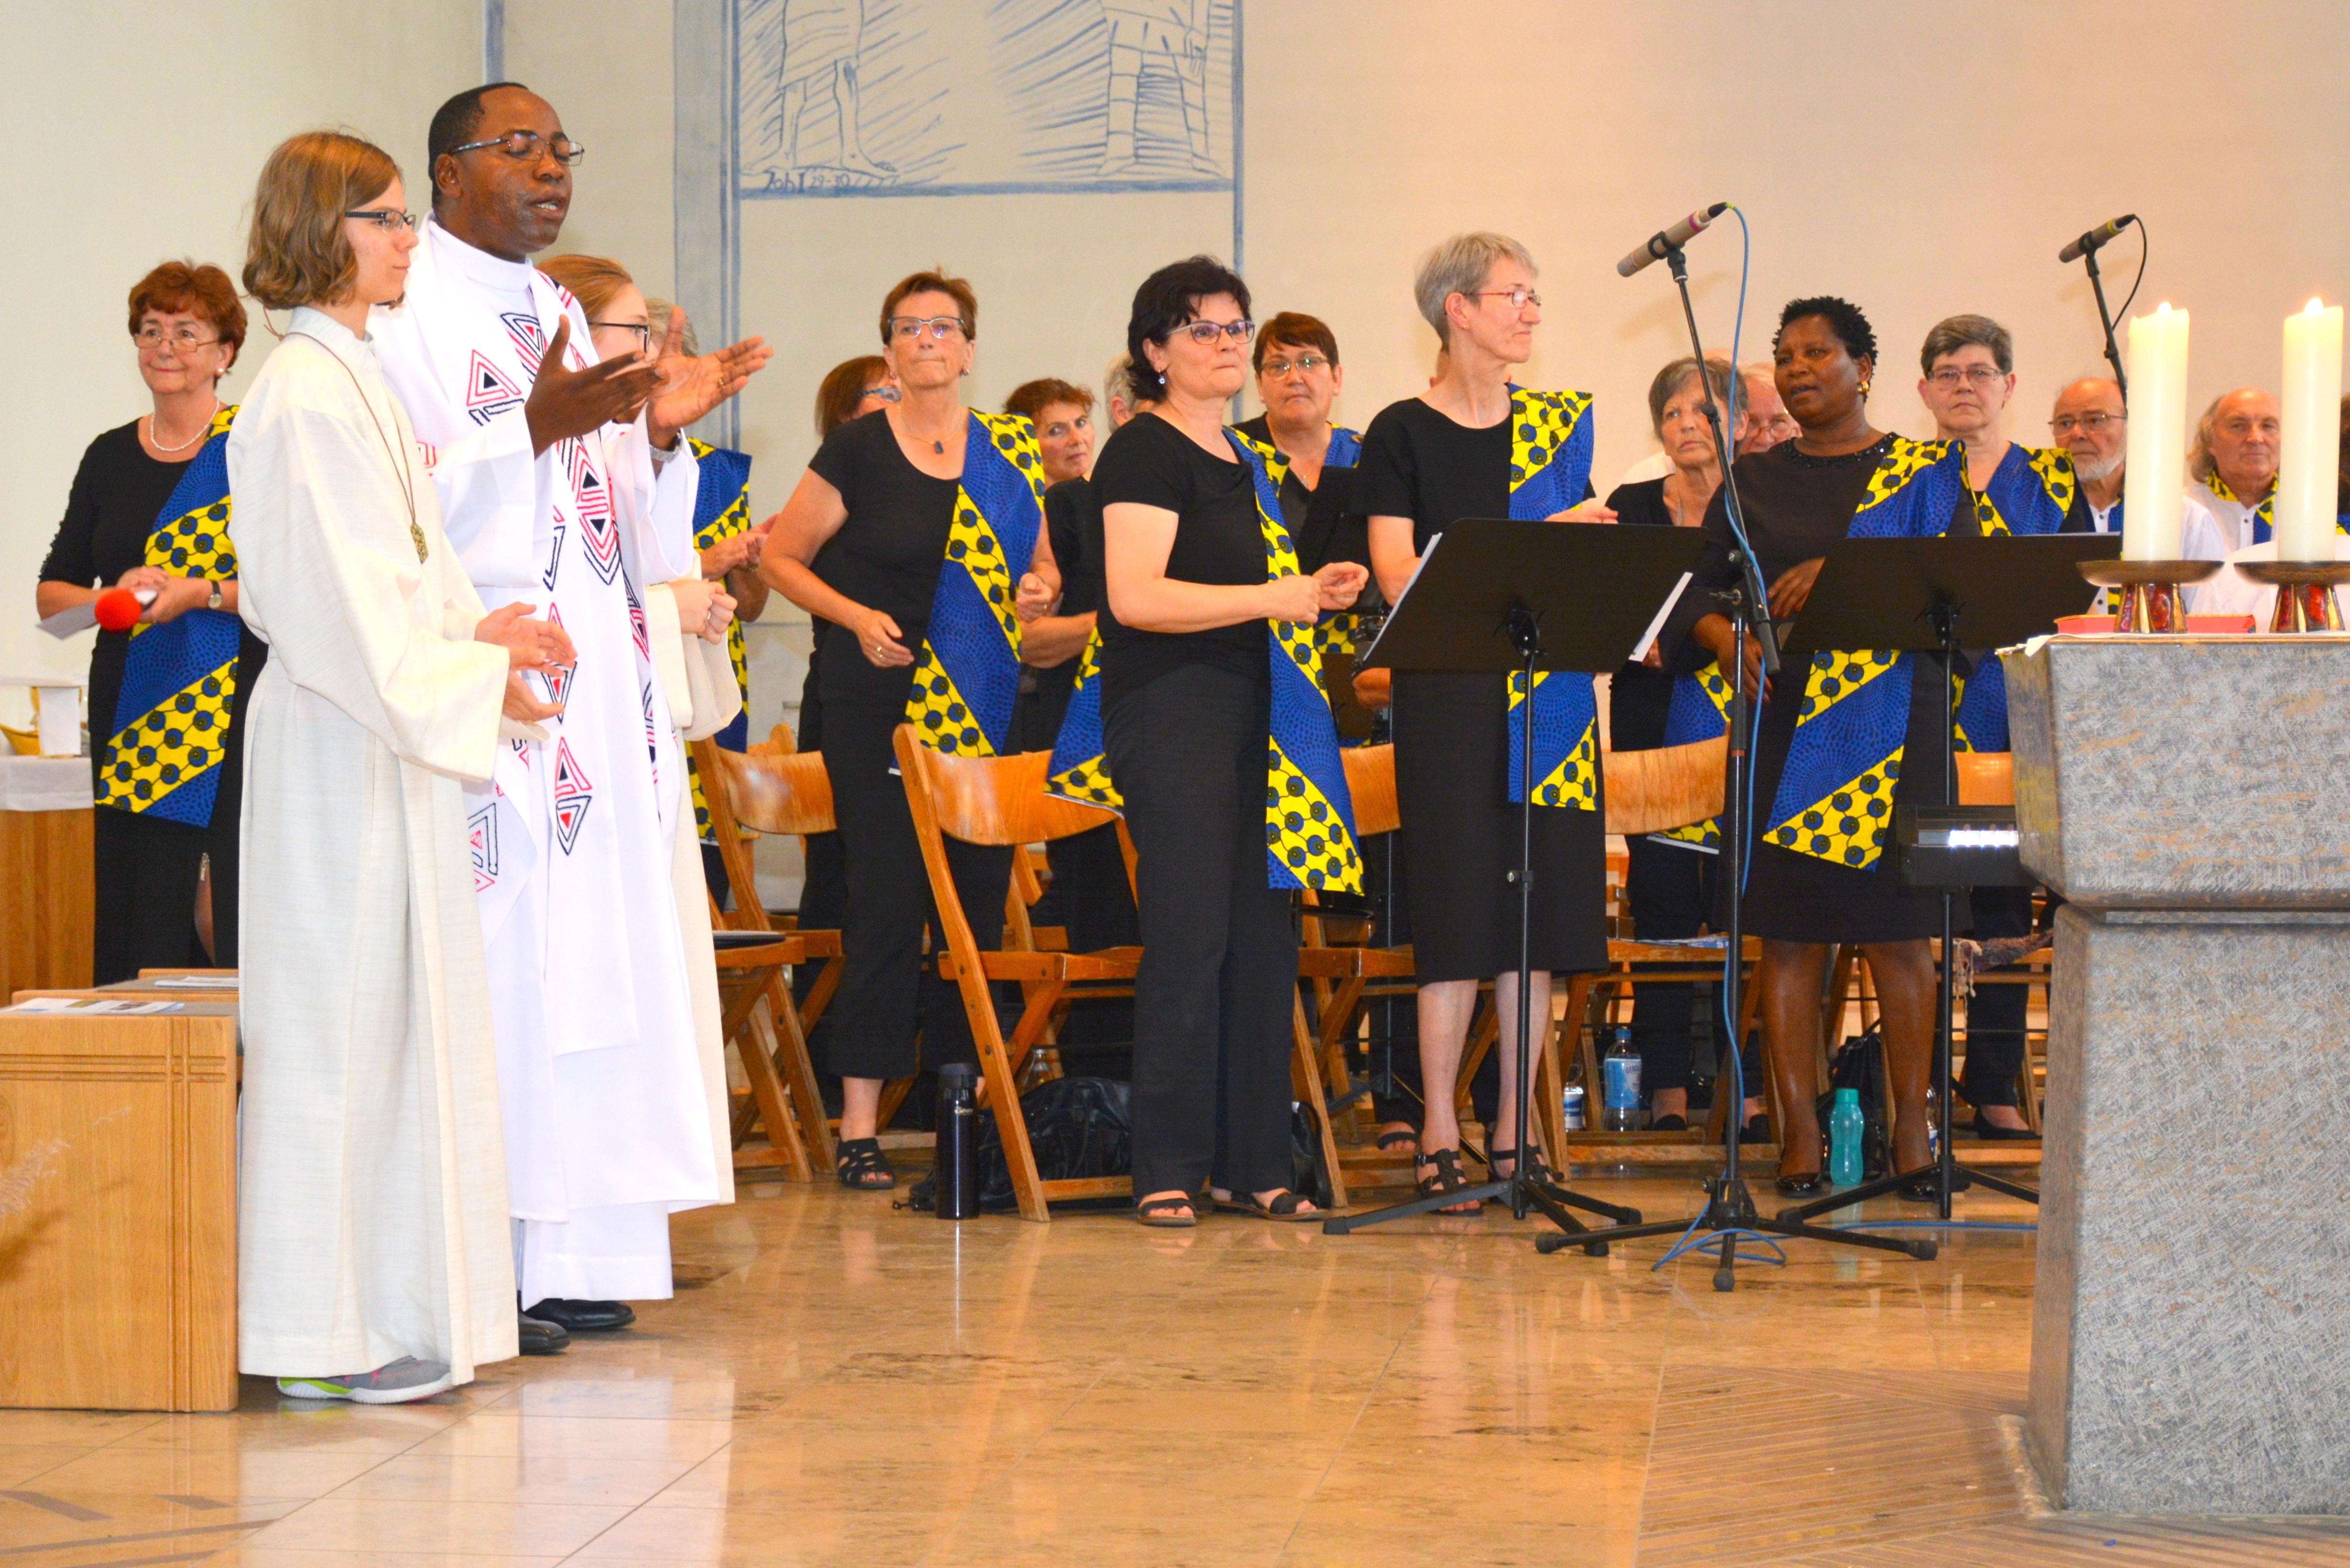 Afrikanische Messe Au am Rhein 2019-07-20 020